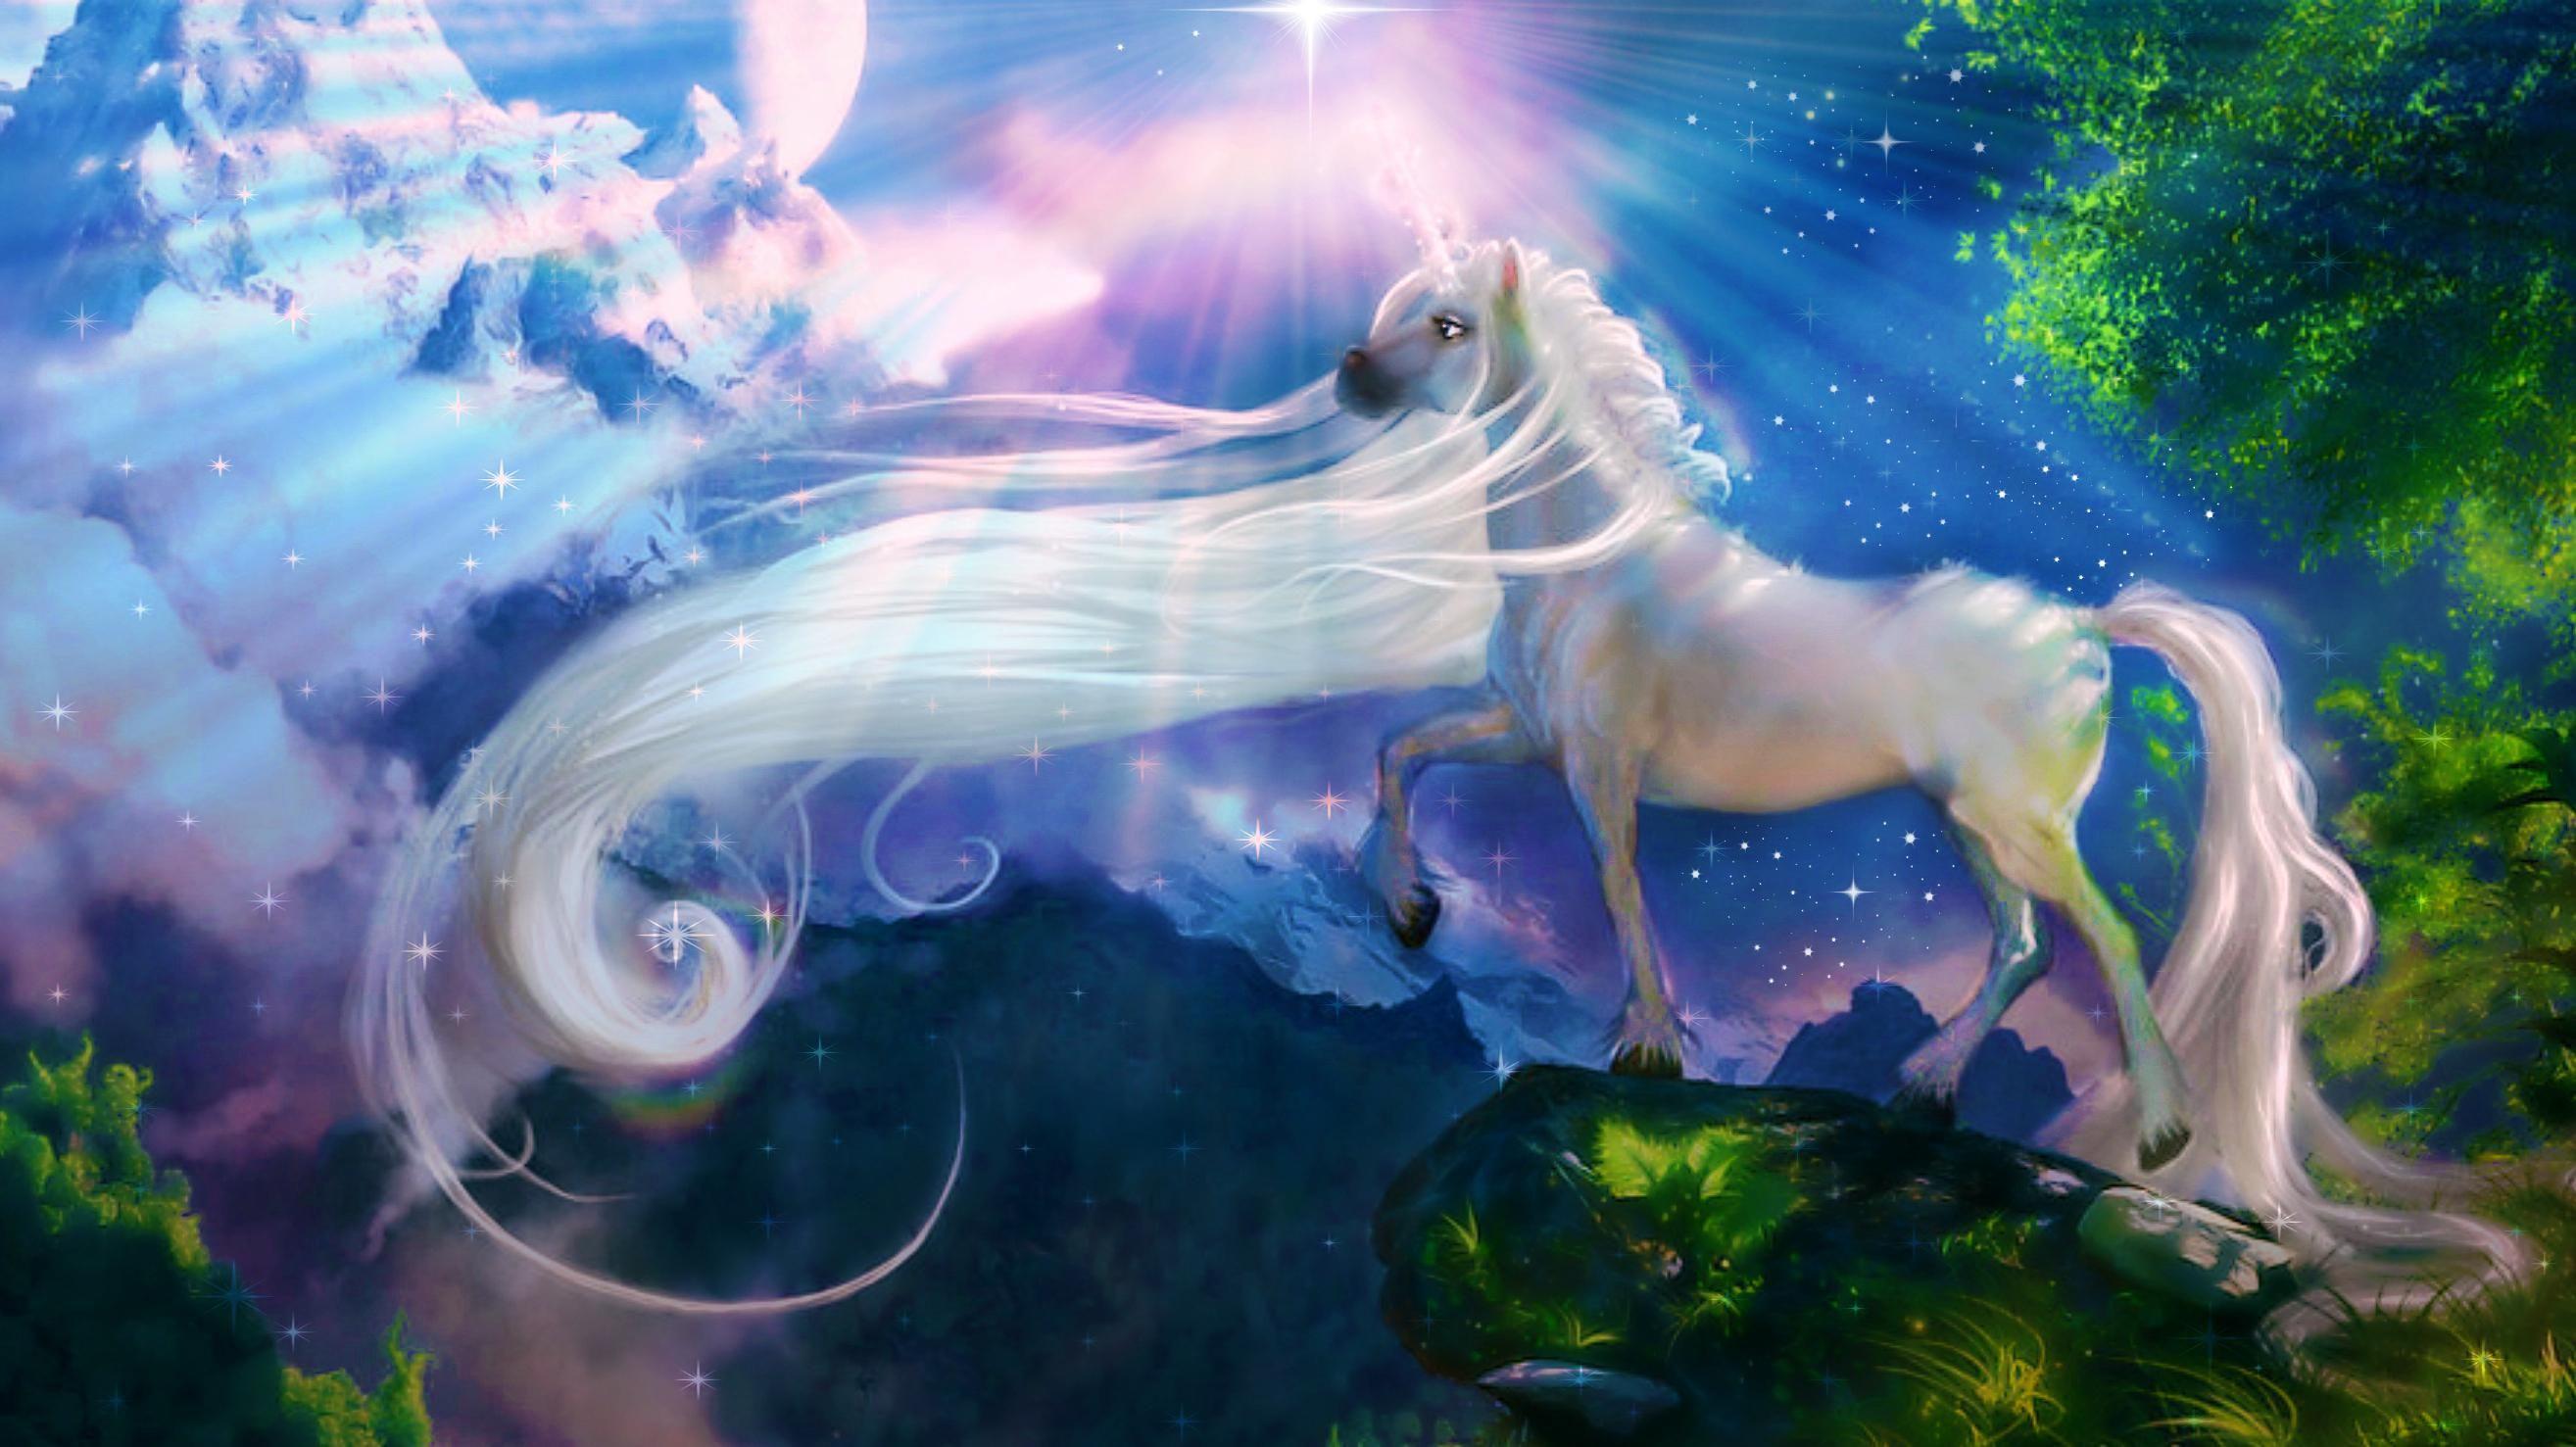 Unicorn Fantasy Hd Wallpaper Unicorn Wallpaper Unicorn Backgrounds Unicorn Fantasy